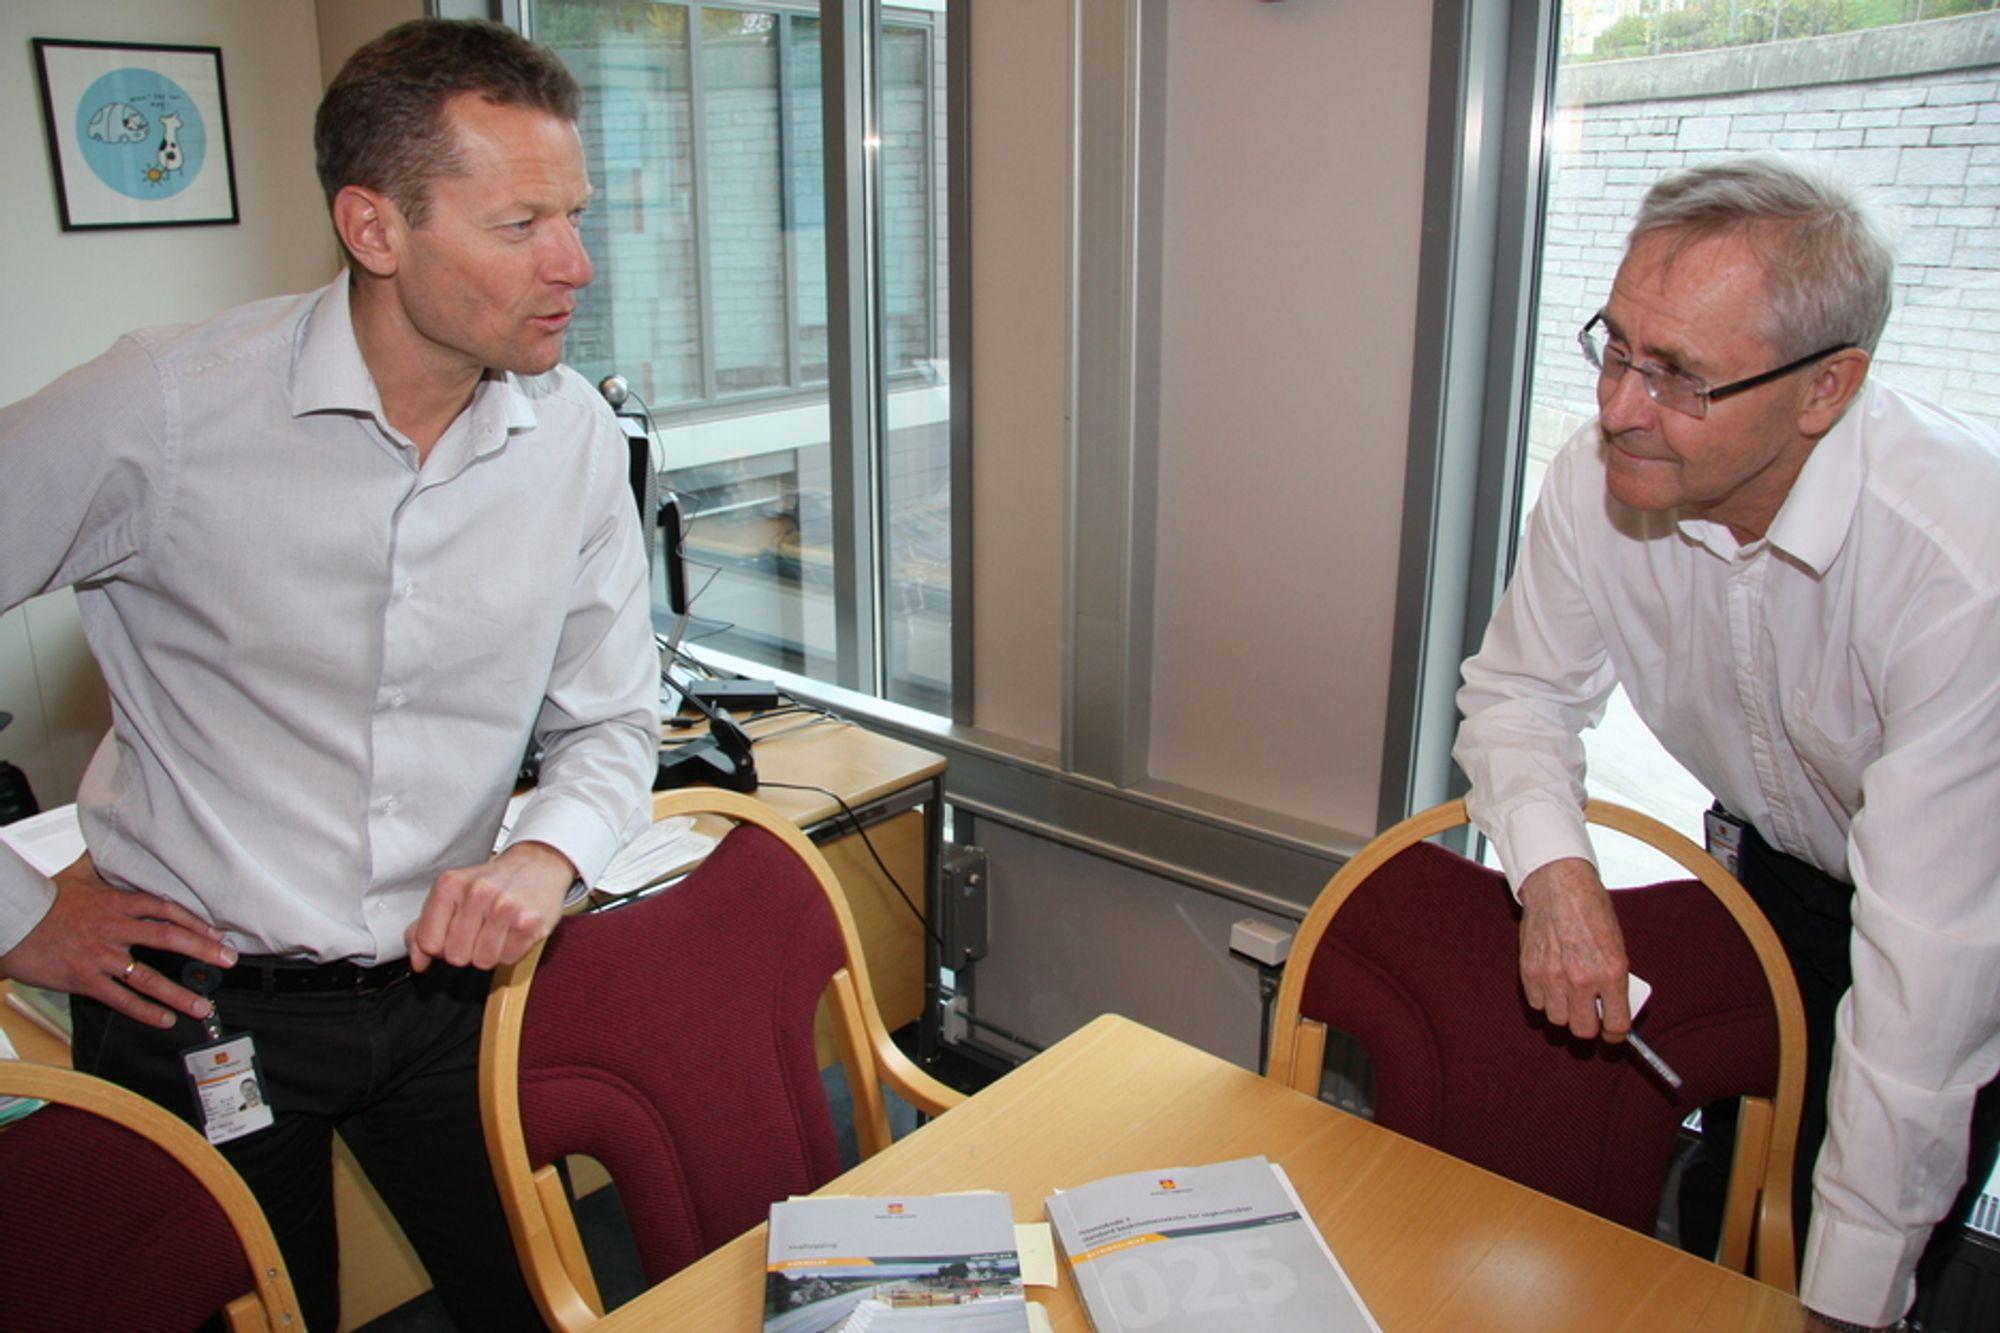 MÅ SKJERPE KRAV: - Vi må skjerpe kravene til frostsikring ved veibygging, sier direktør i vei- og transportavdelingen i Statens vegvesen, Lars Erik Hauer (til venstre). Her diskuterer han telehivproblemene på norske veier med avdelingsdirektør Eirik Øvstedal.